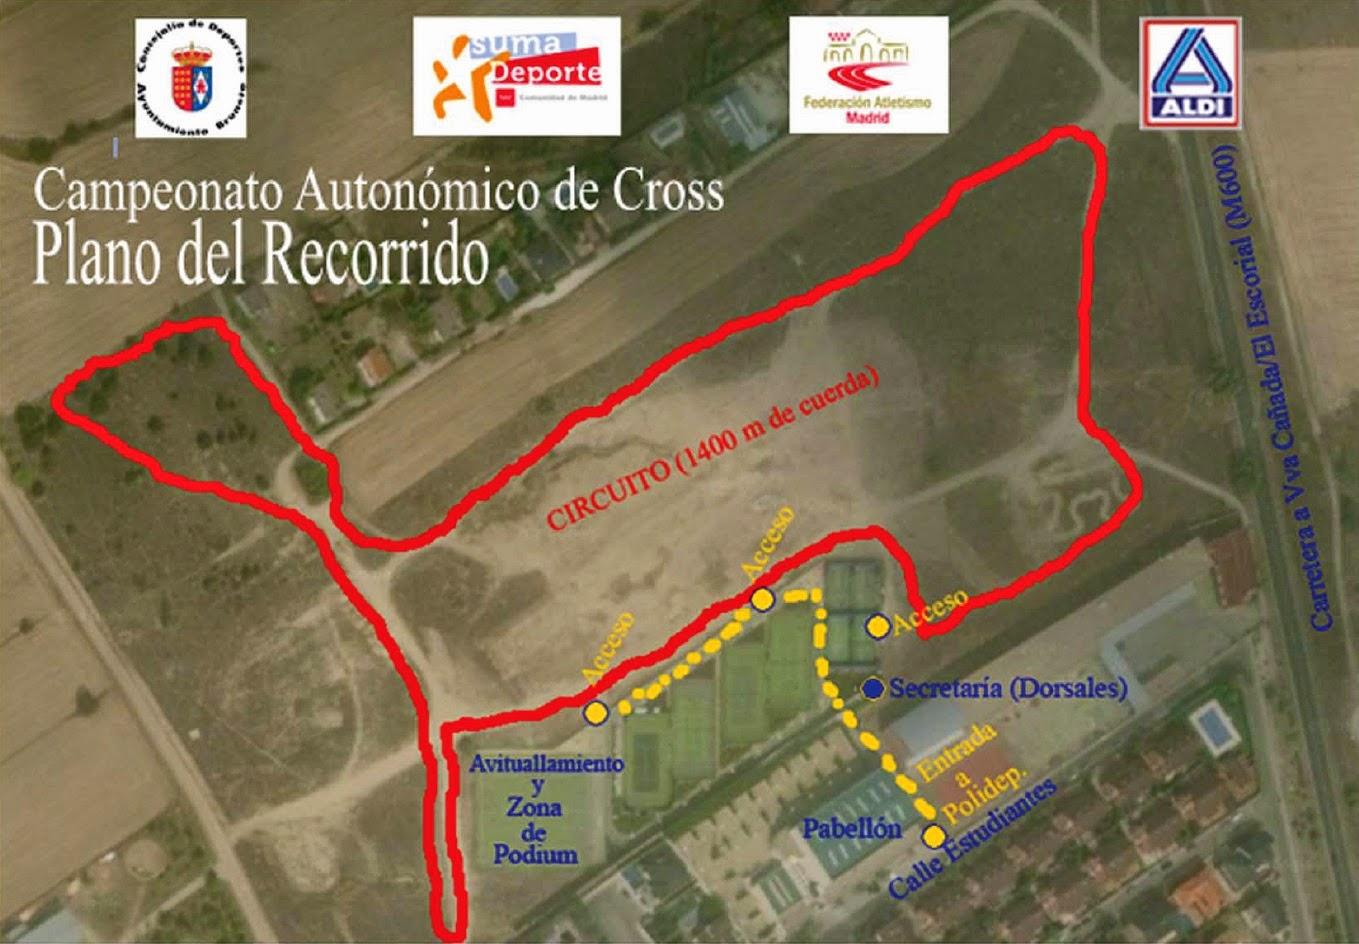 Circuito Brunete : Ampa escuela de atletismo fuenlabrada plano situaciÓn